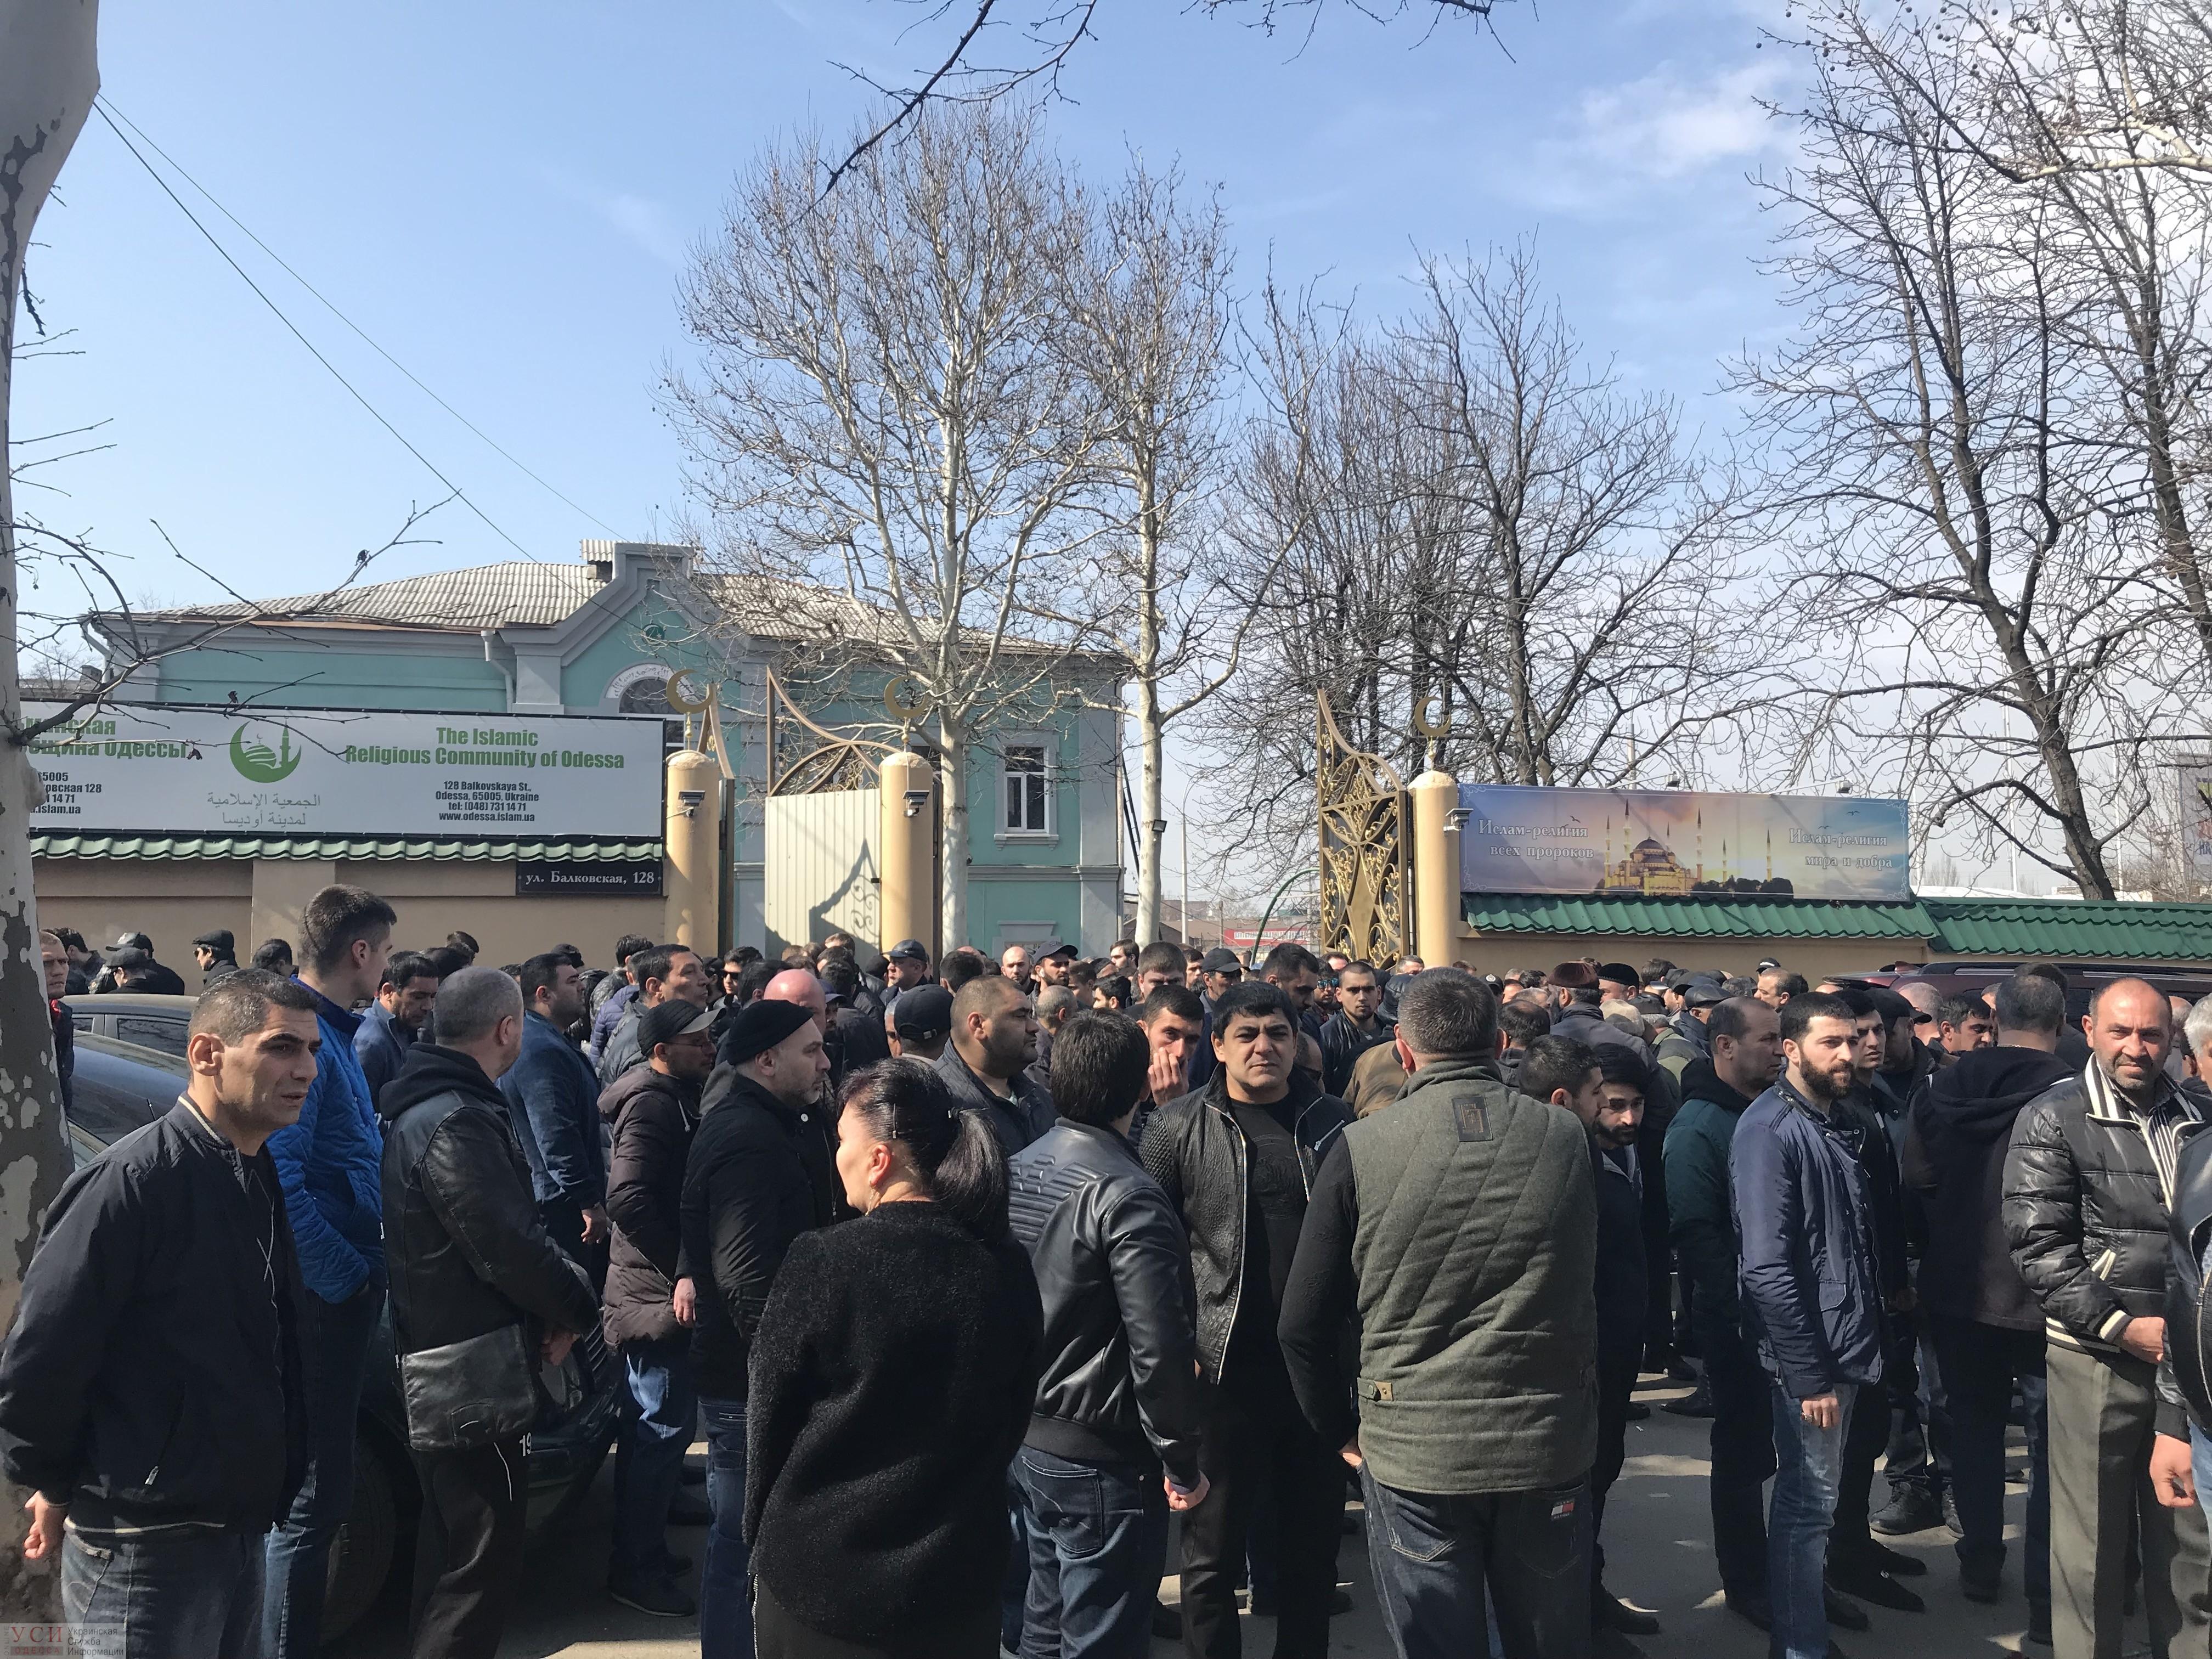 """""""Машина в нуль! #бати, як воно горить!"""", - в Одесі під час вуличних перегонів сталася ДТП, внаслідок якої загинуло двоє людей - Цензор.НЕТ 9009"""